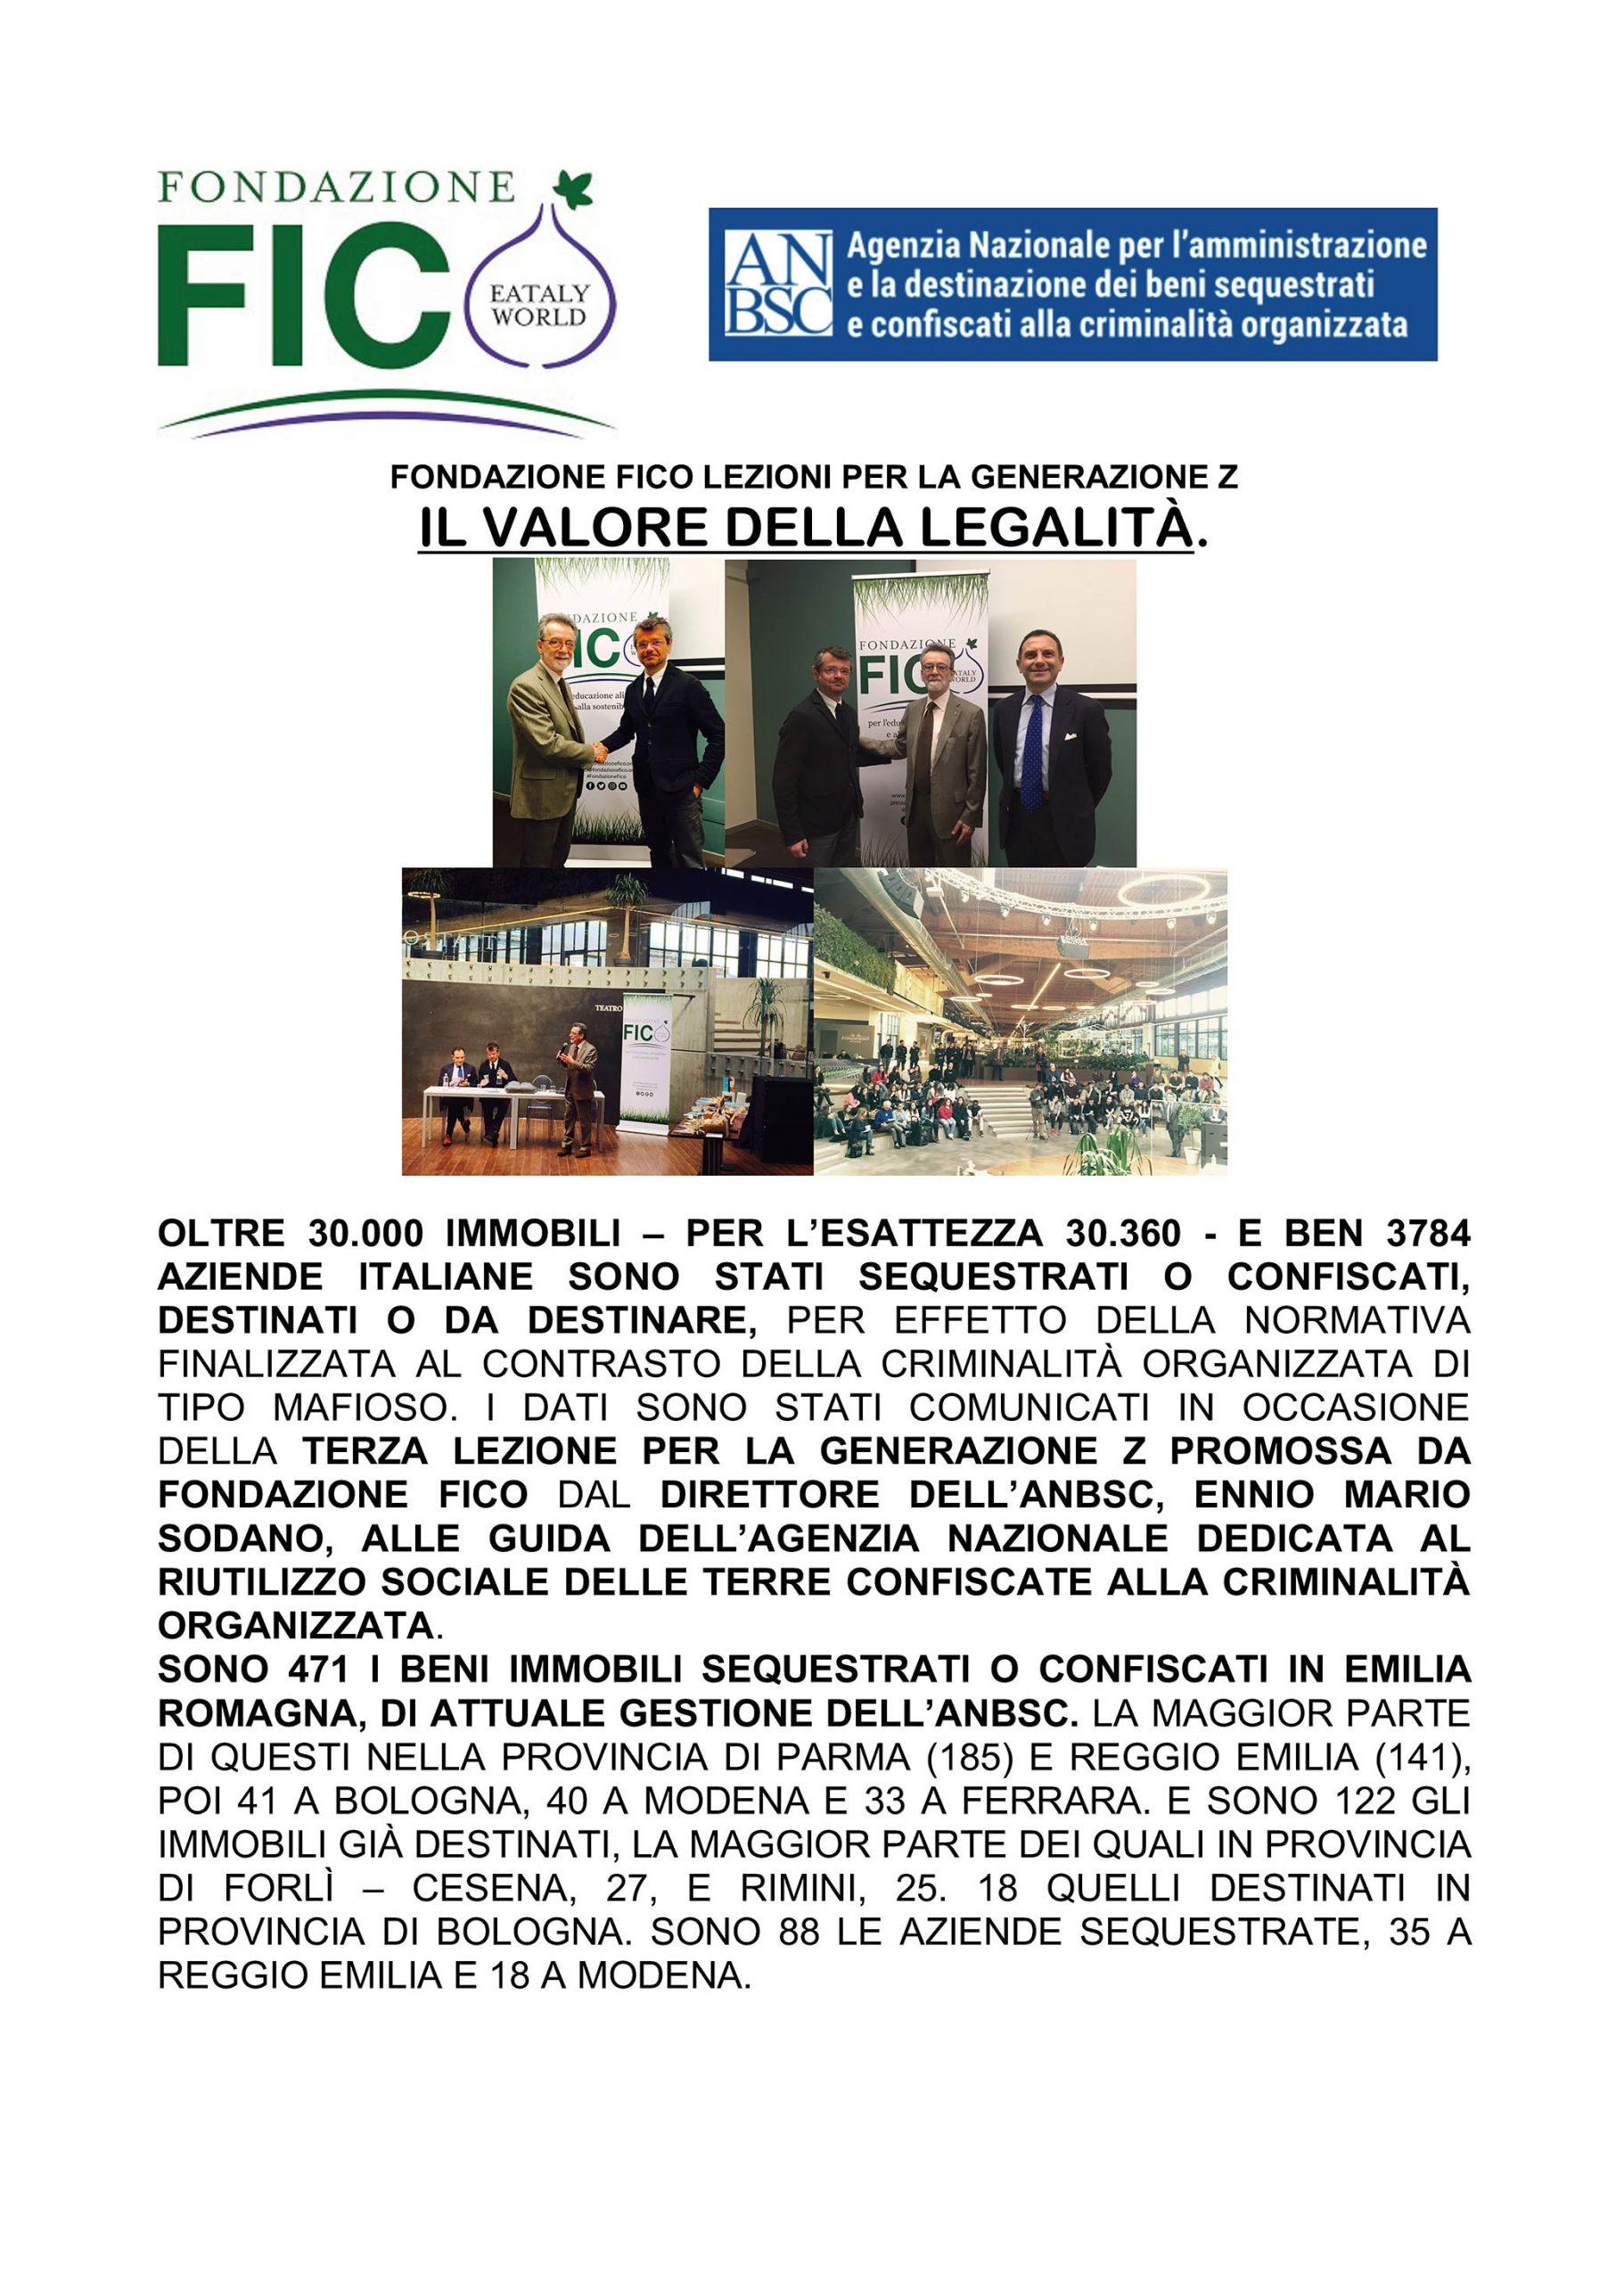 CS-0043-FondazioneFIco-27-03-2018Ivalore-legalita-dati_Pagina_1